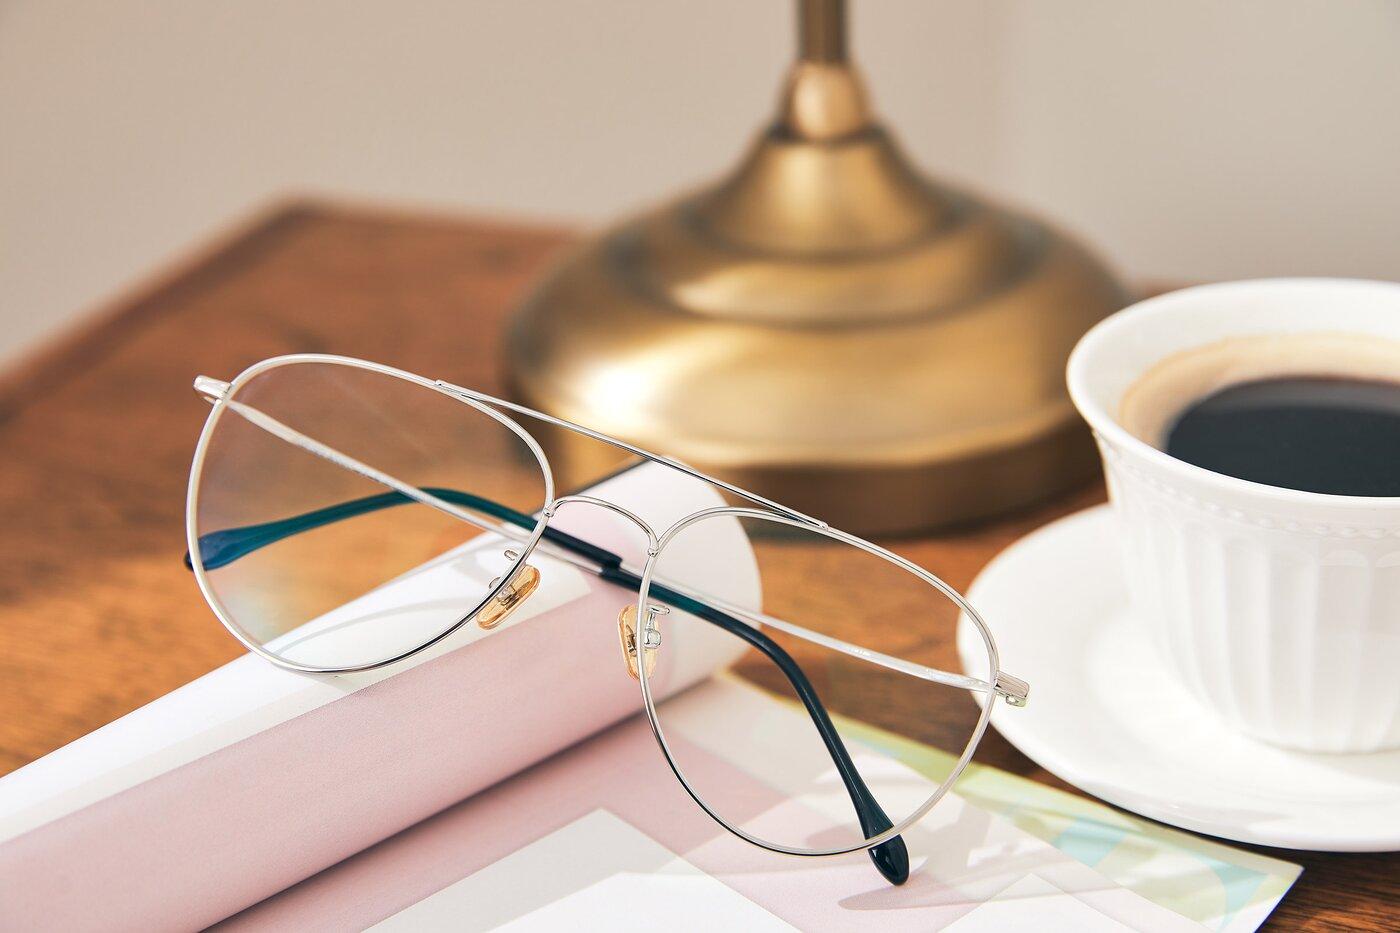 Silver Classic Titanium Aviator Eyeglasses